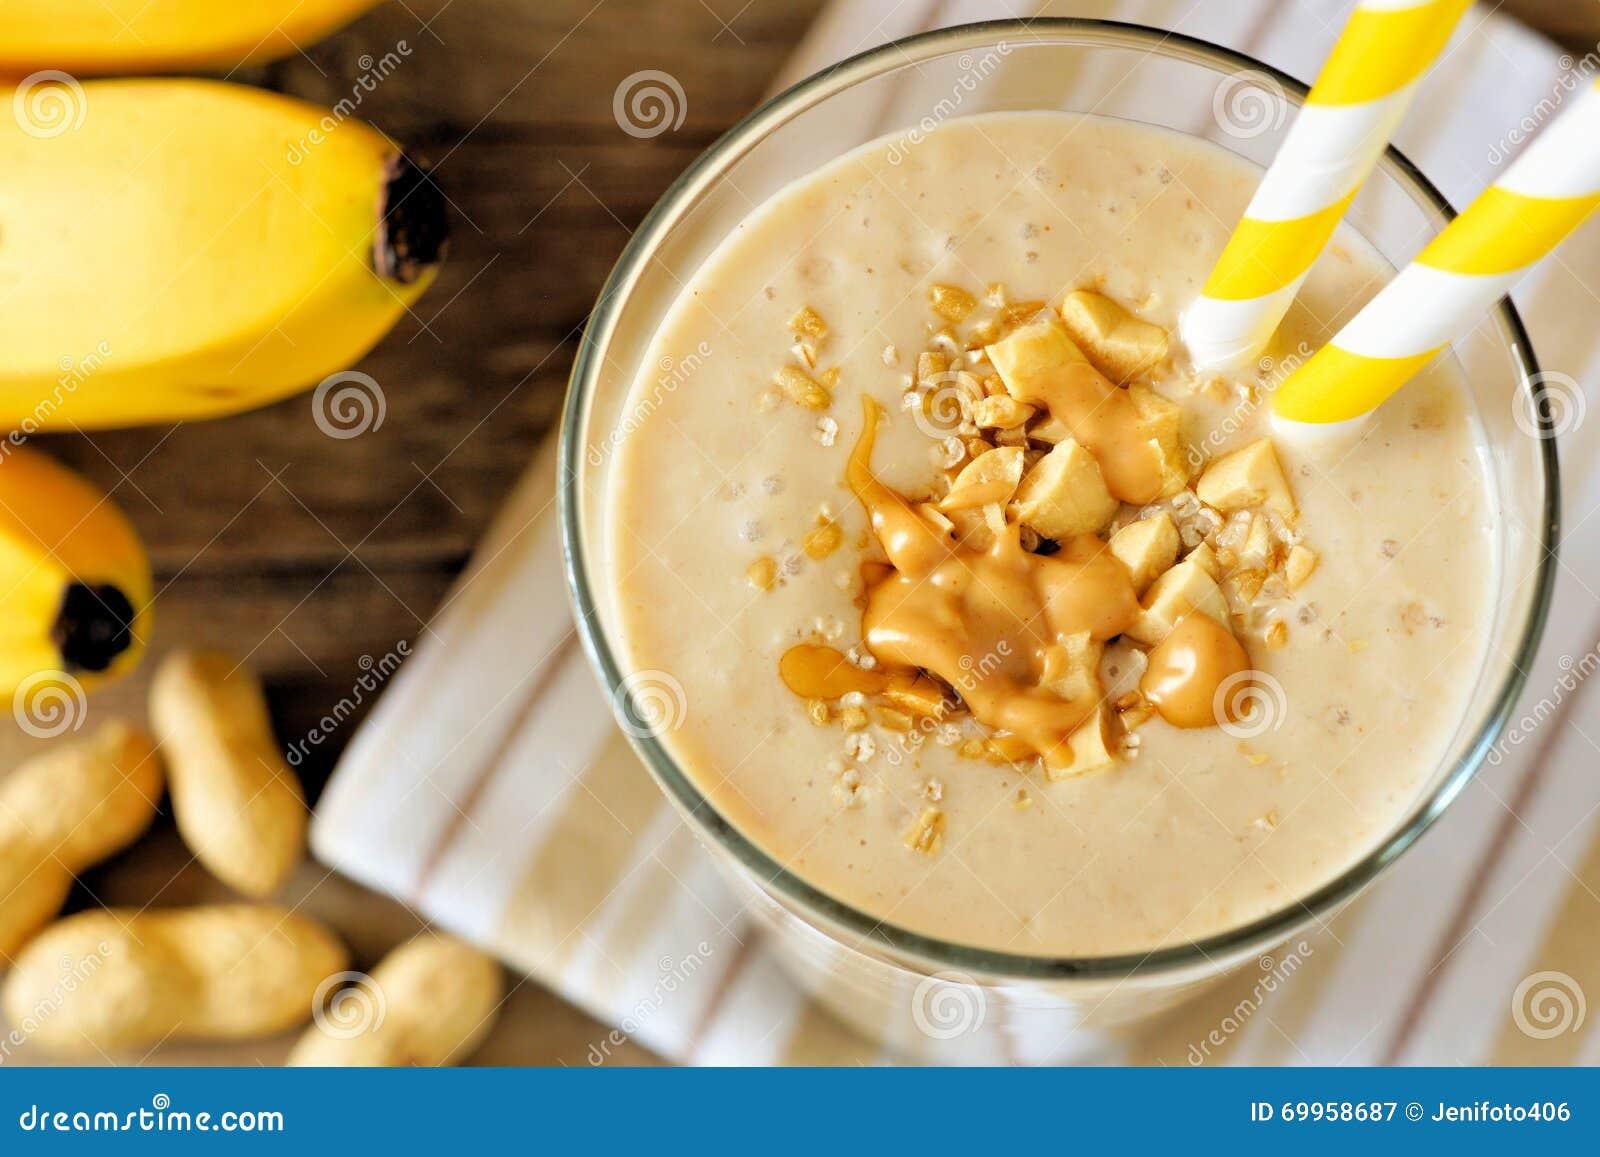 Fim do batido da aveia da banana da manteiga de amendoim acima, vista descendente